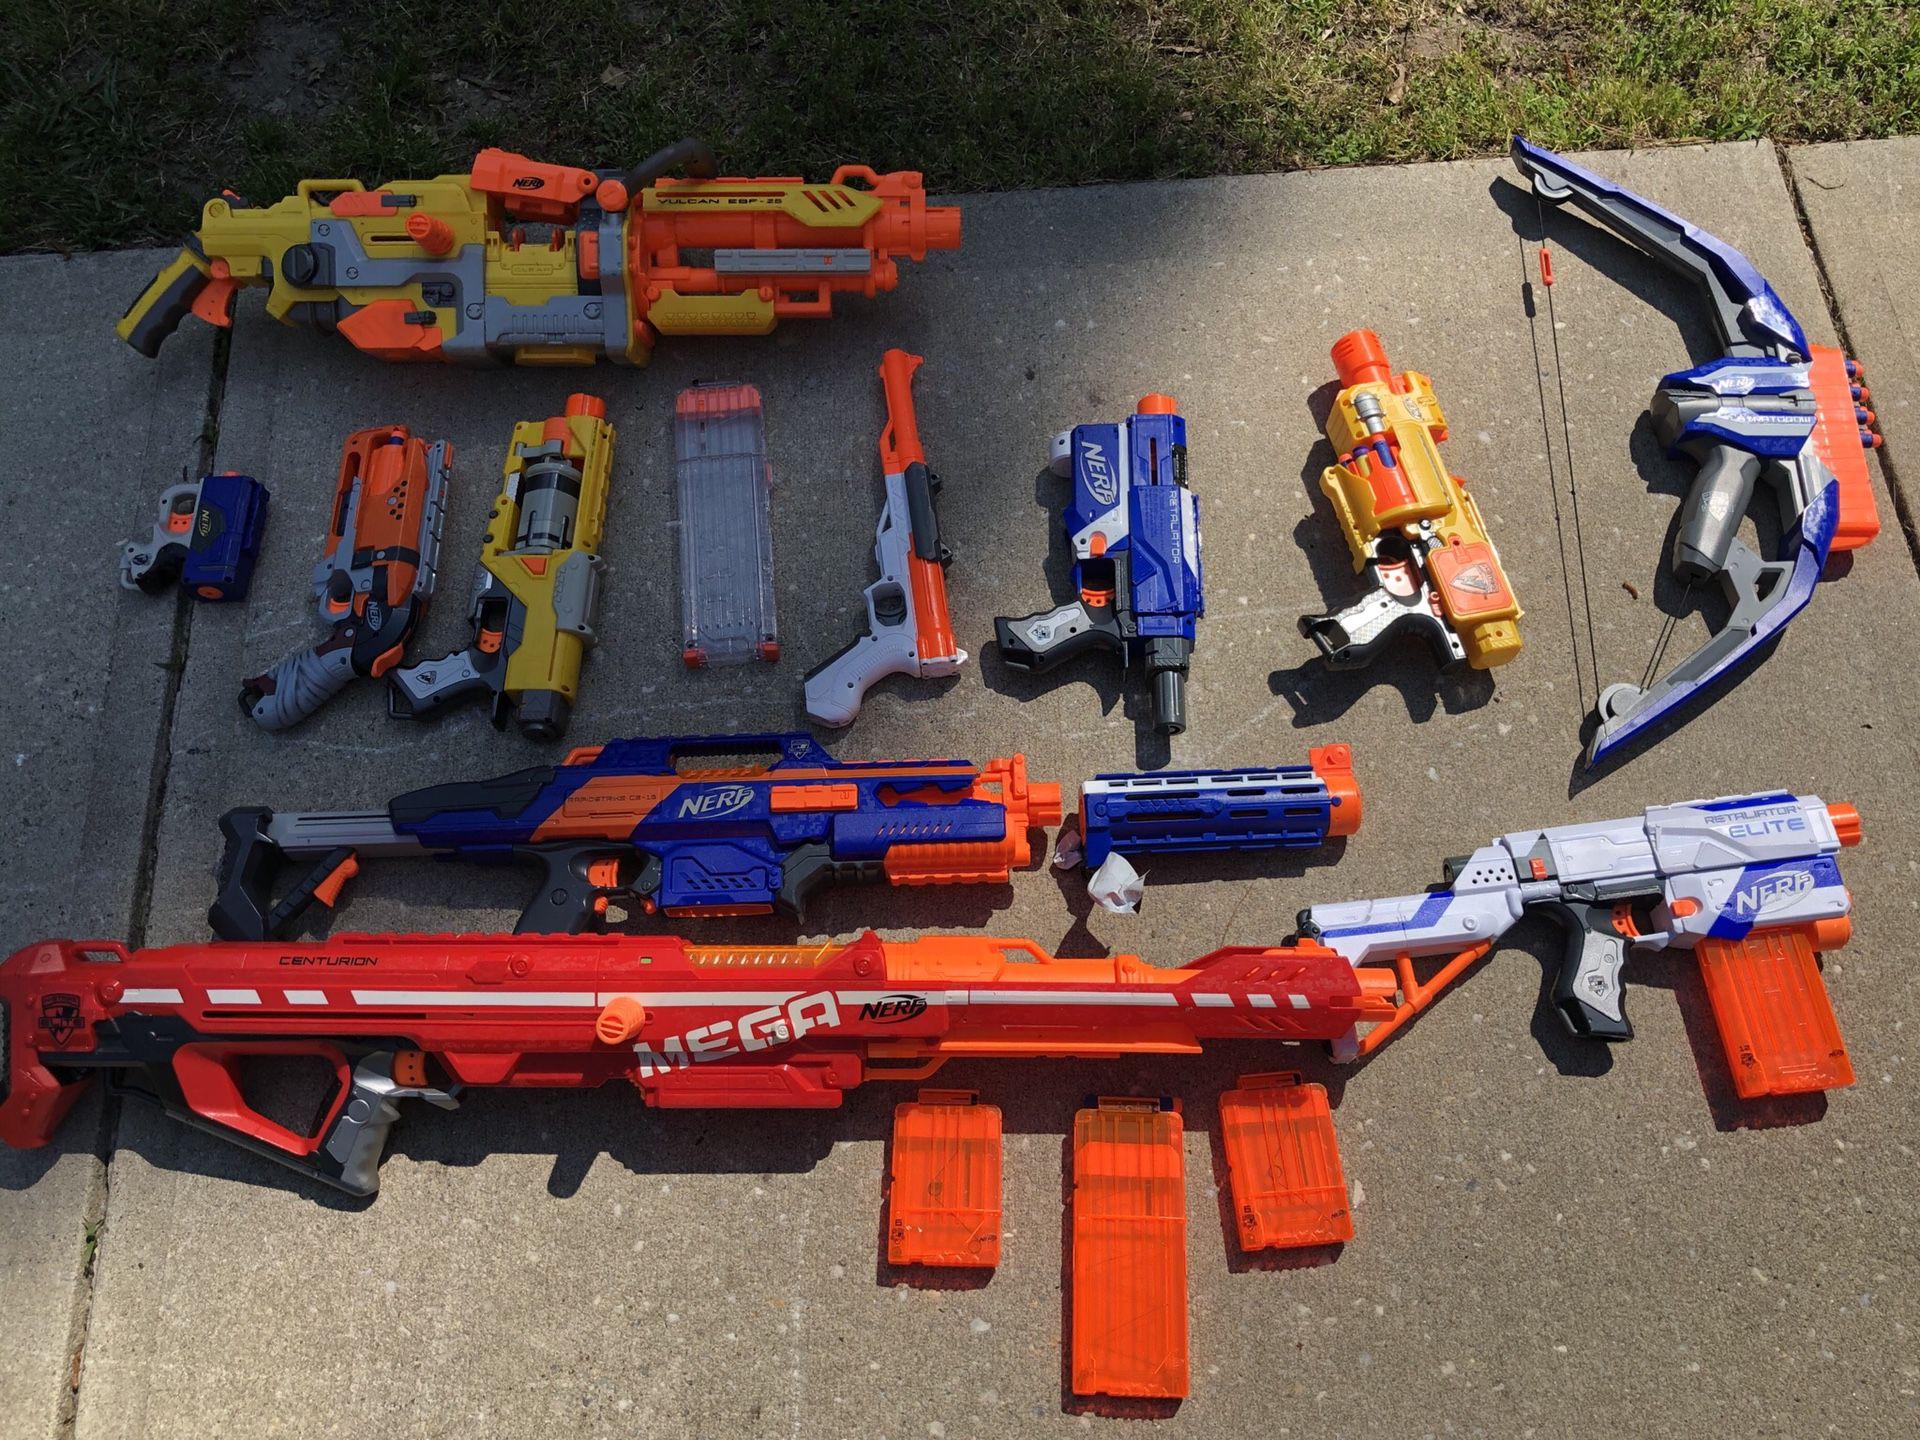 Sleep safe tonight - nerf gun assortment